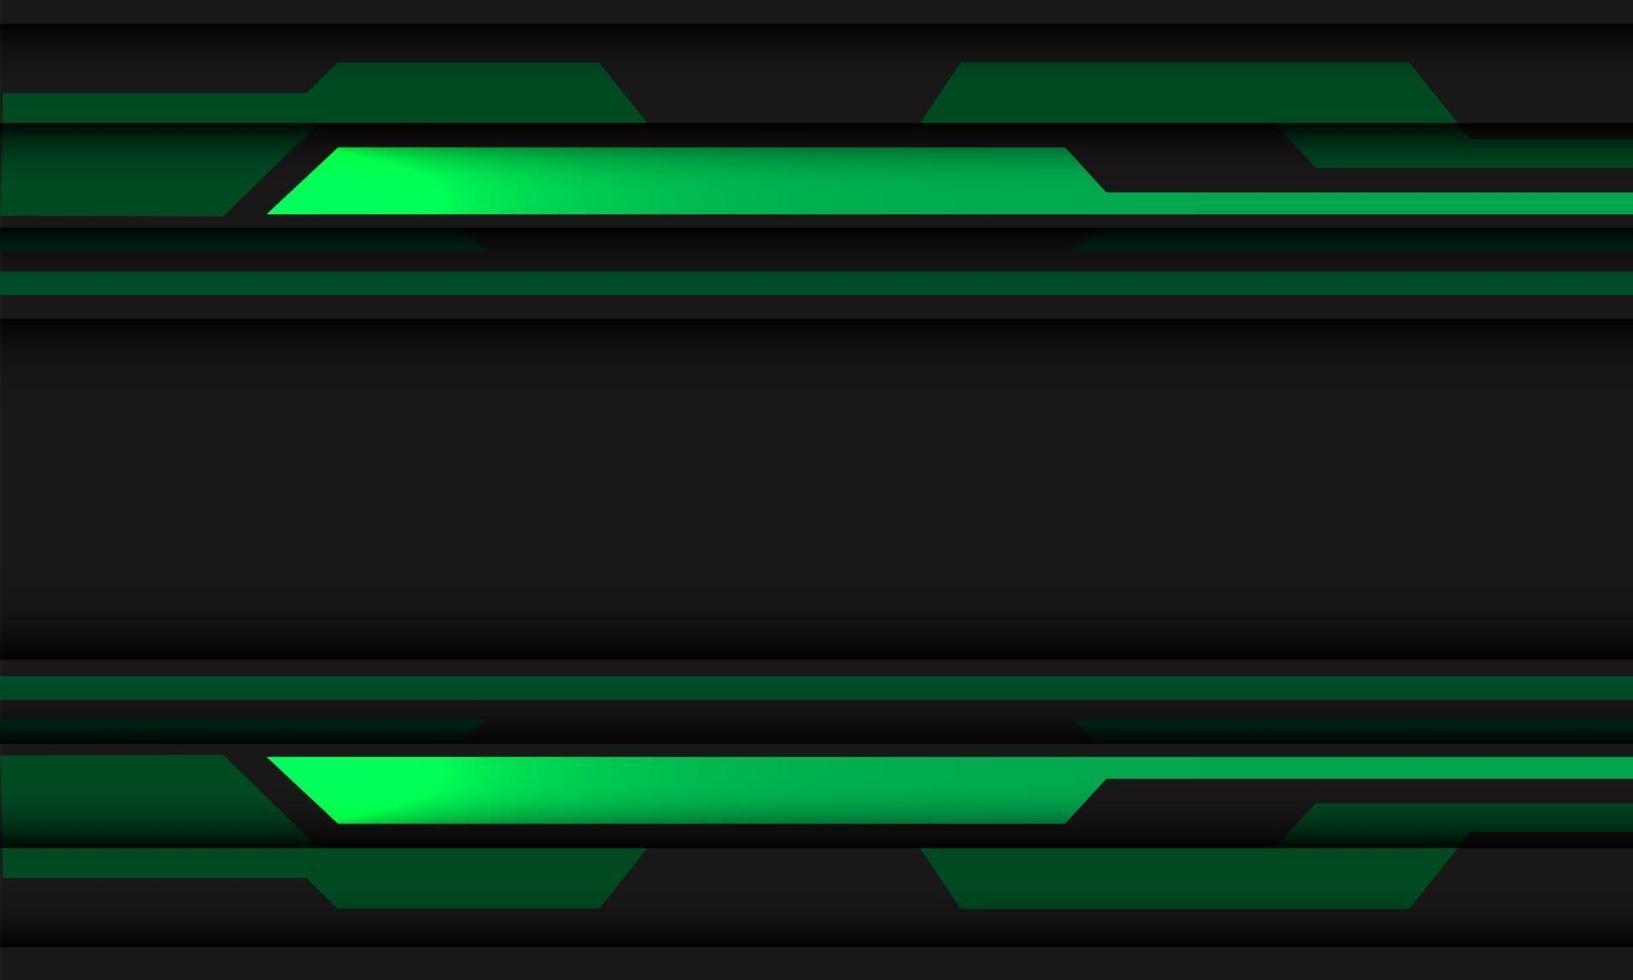 abstract groen grijs circuit cyber geometrisch met lege ruimte banner ontwerp moderne futuristische technologie achtergrond vectorillustratie. vector